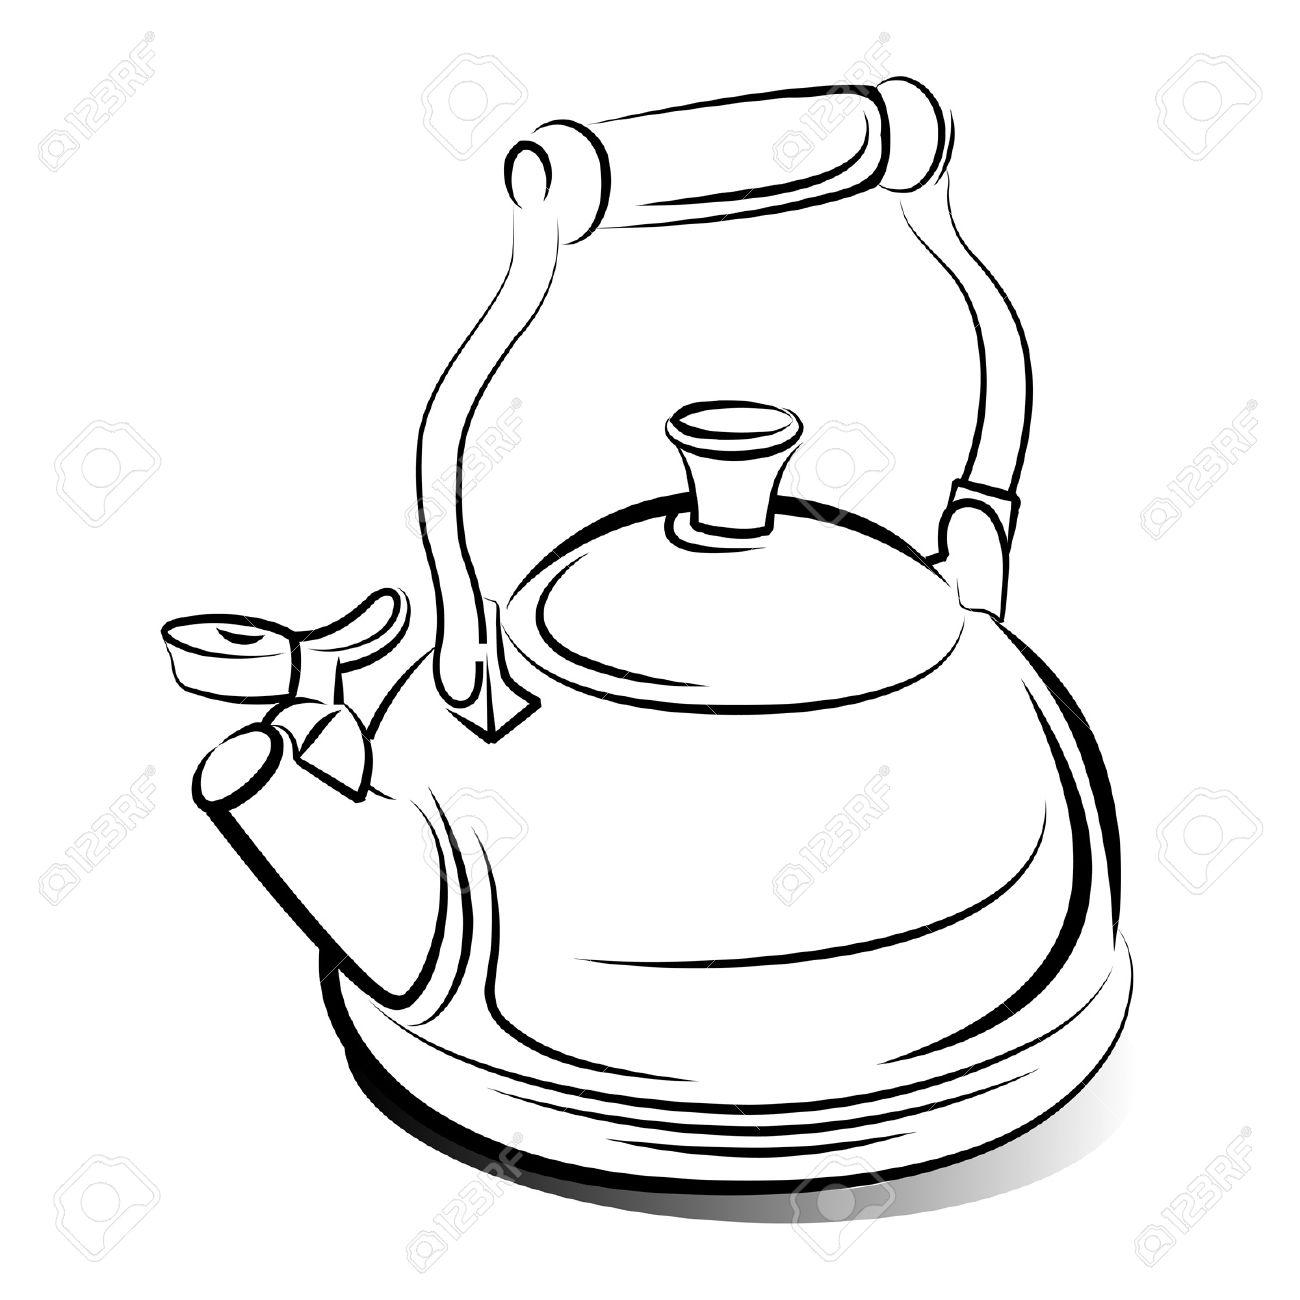 Tea Kettle Drawing At Getdrawings